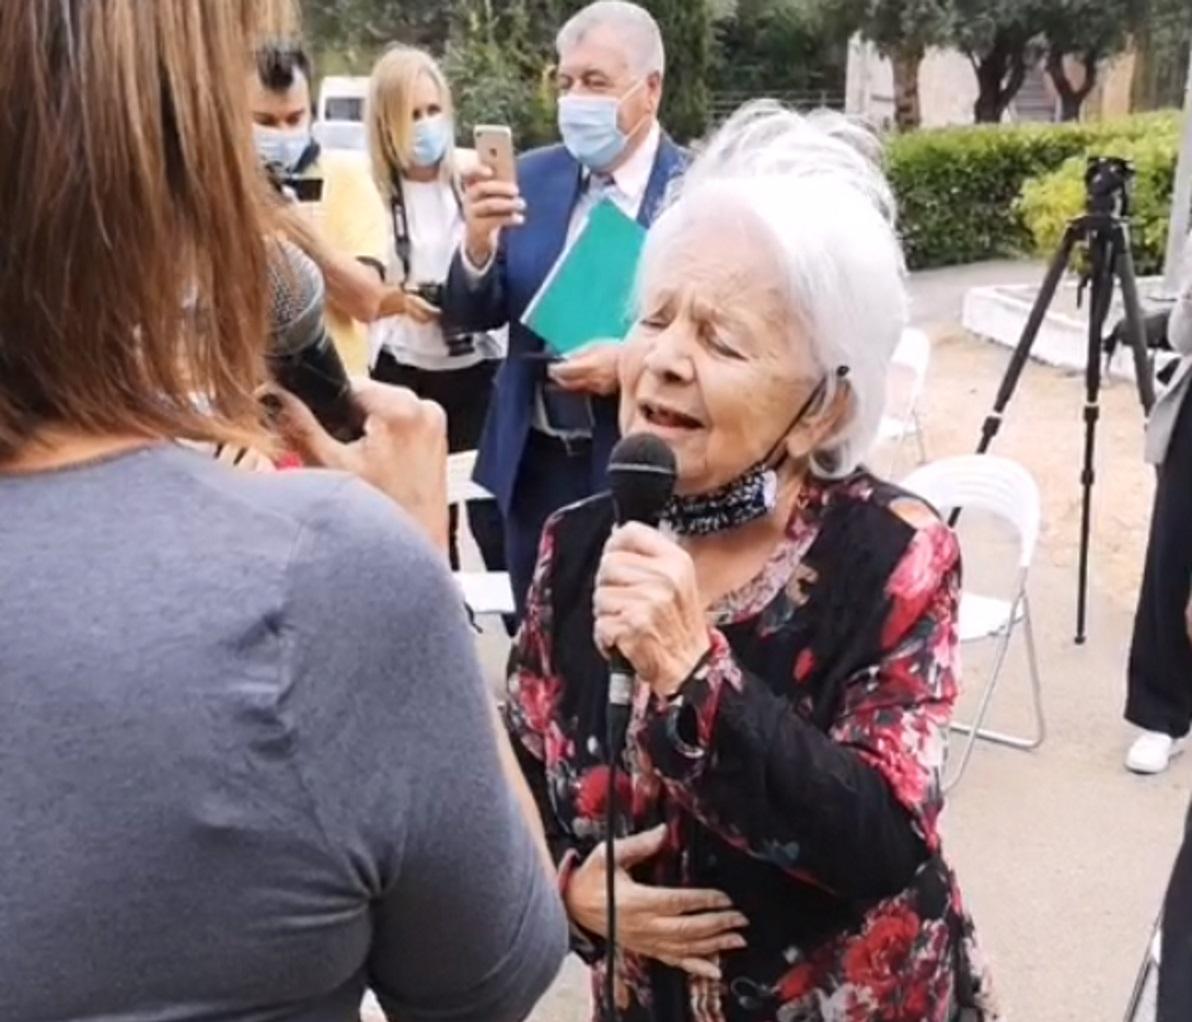 Μαίρη Λίντα: Ερμηνεύει στο Γηροκομείο Αθηνών τραγούδια του Μανώλη Χιώτη